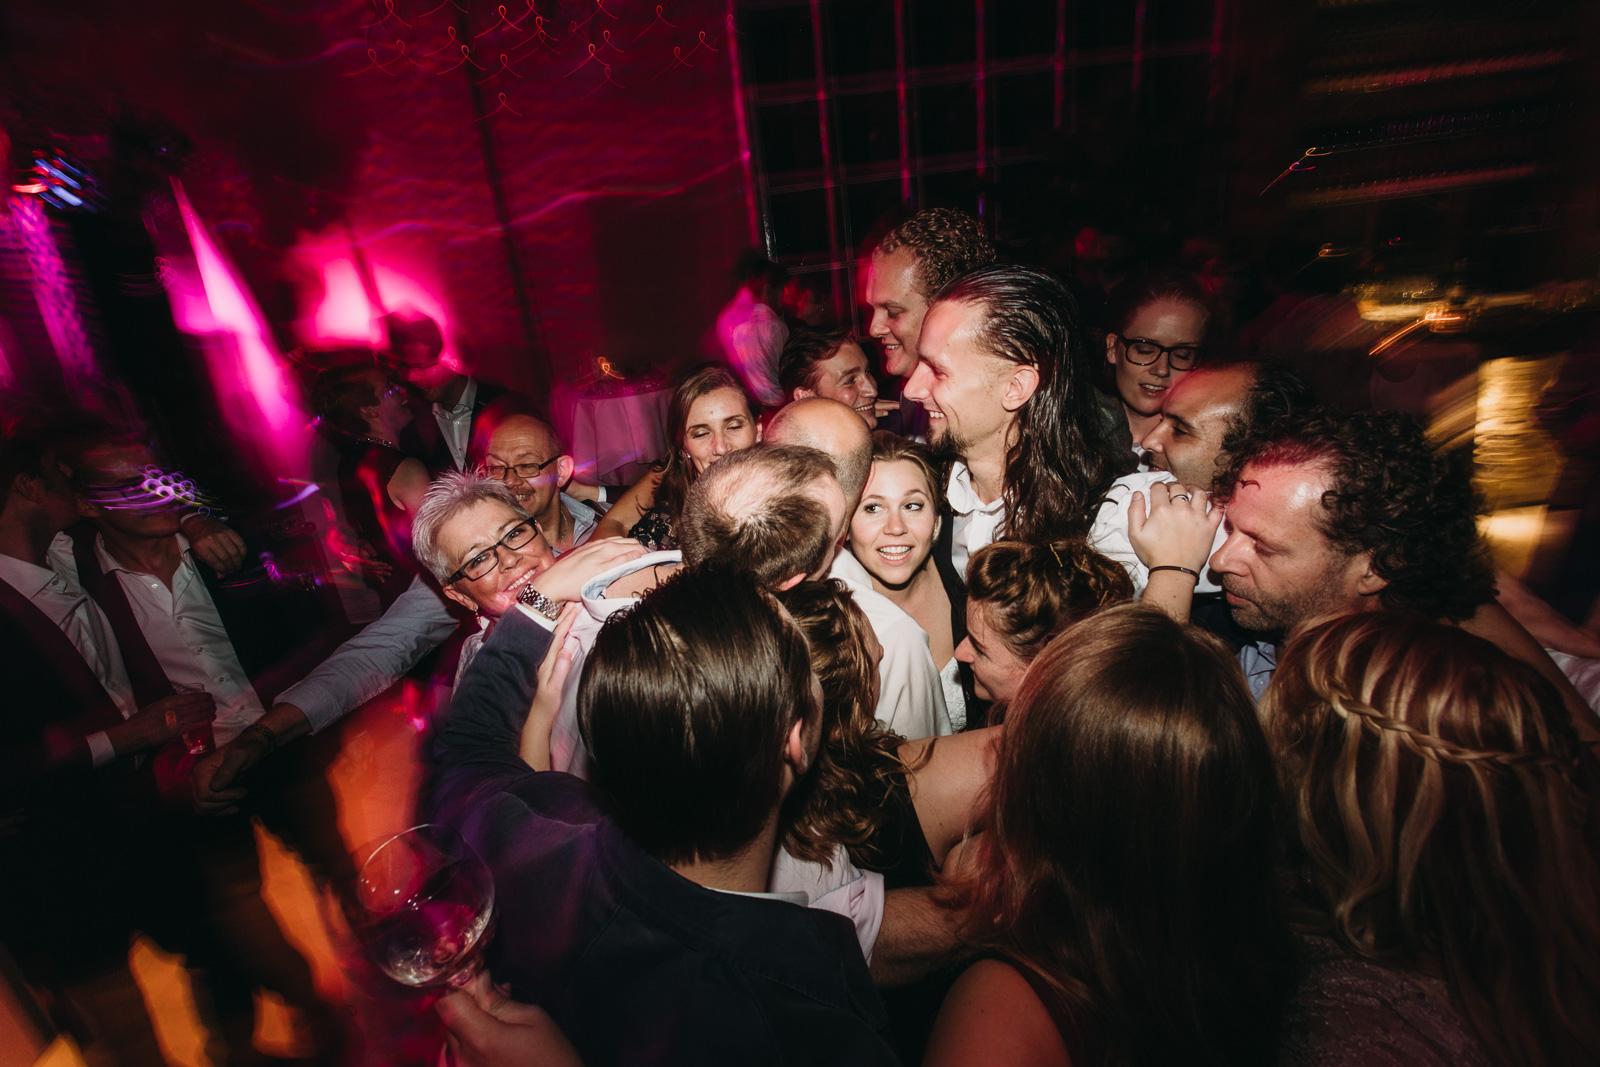 Evabloem_wedding_martine-en-jurriaan-37.jpg